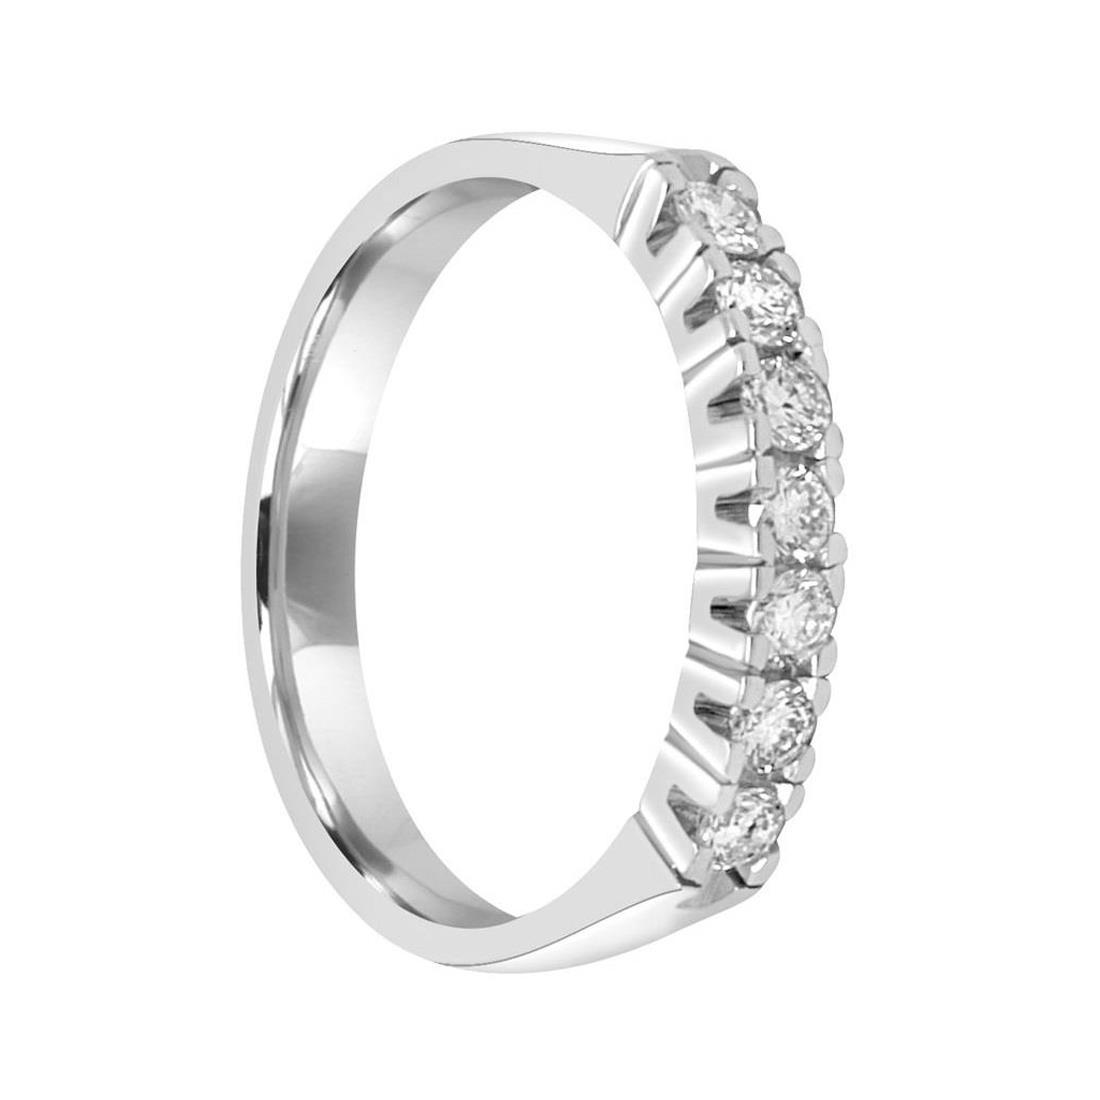 Anello veretta 7 pietre in oro bianco con diamanti 0.35 ct - ORO&CO